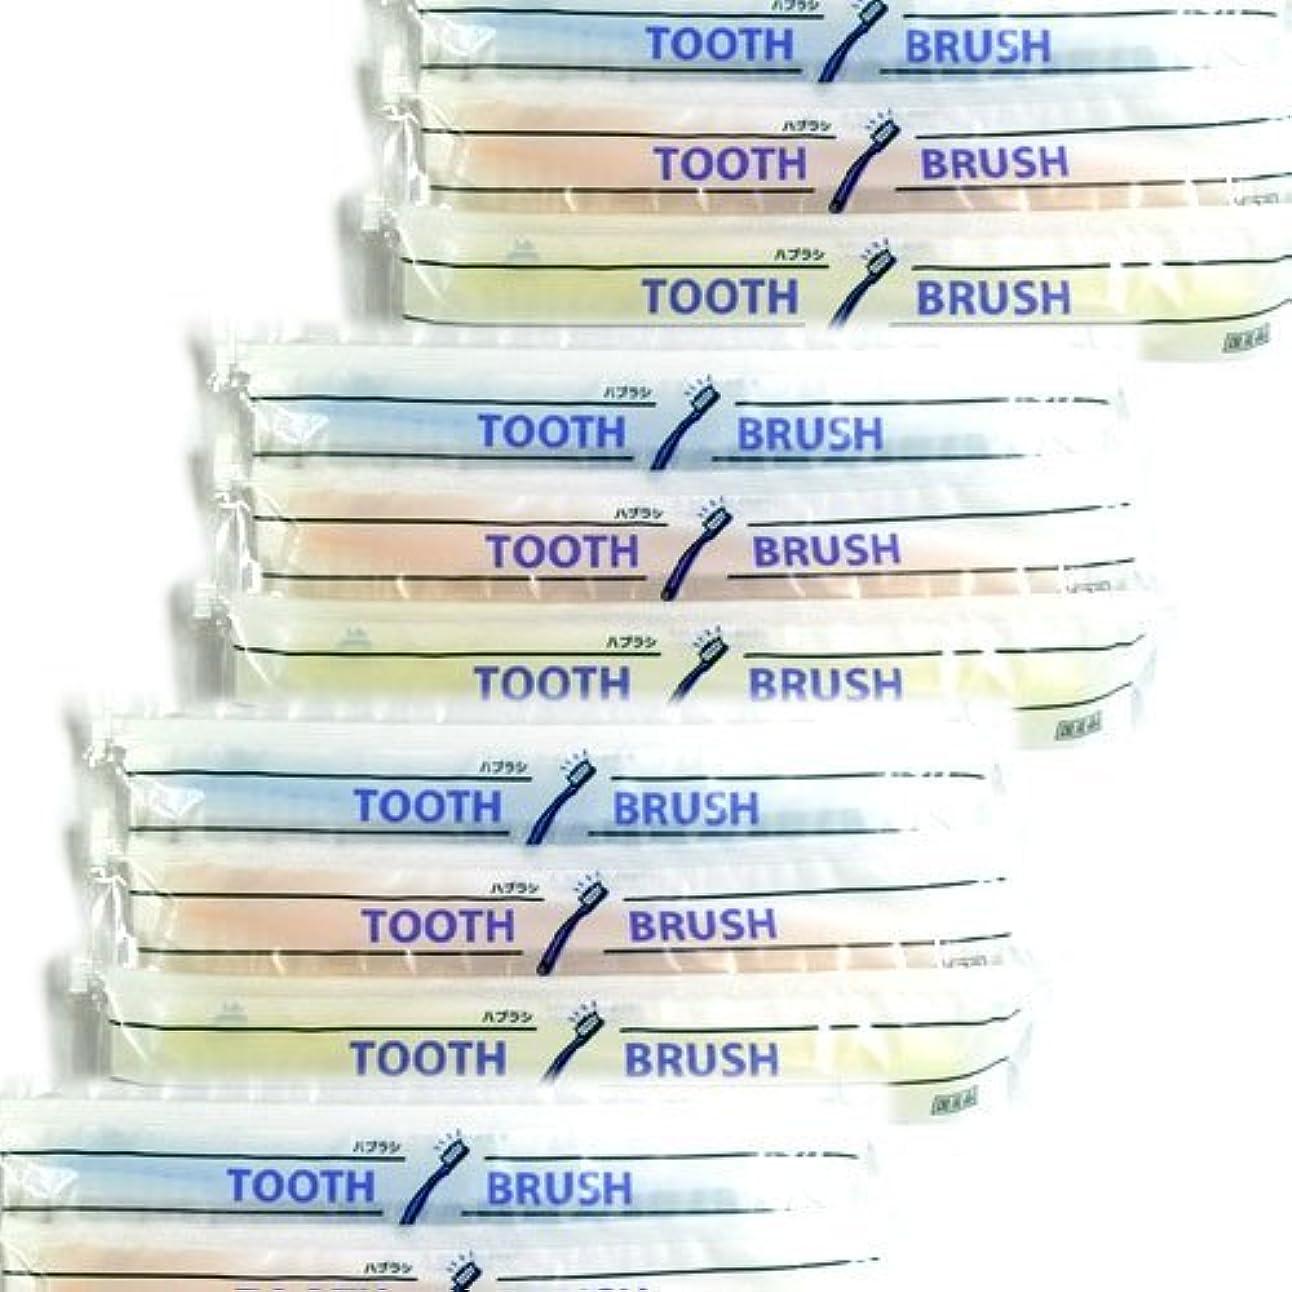 ワイプ保護するランチホテルアメニティ 業務用 使い捨て(インスタント) 粉付き歯ブラシ × 20個セット